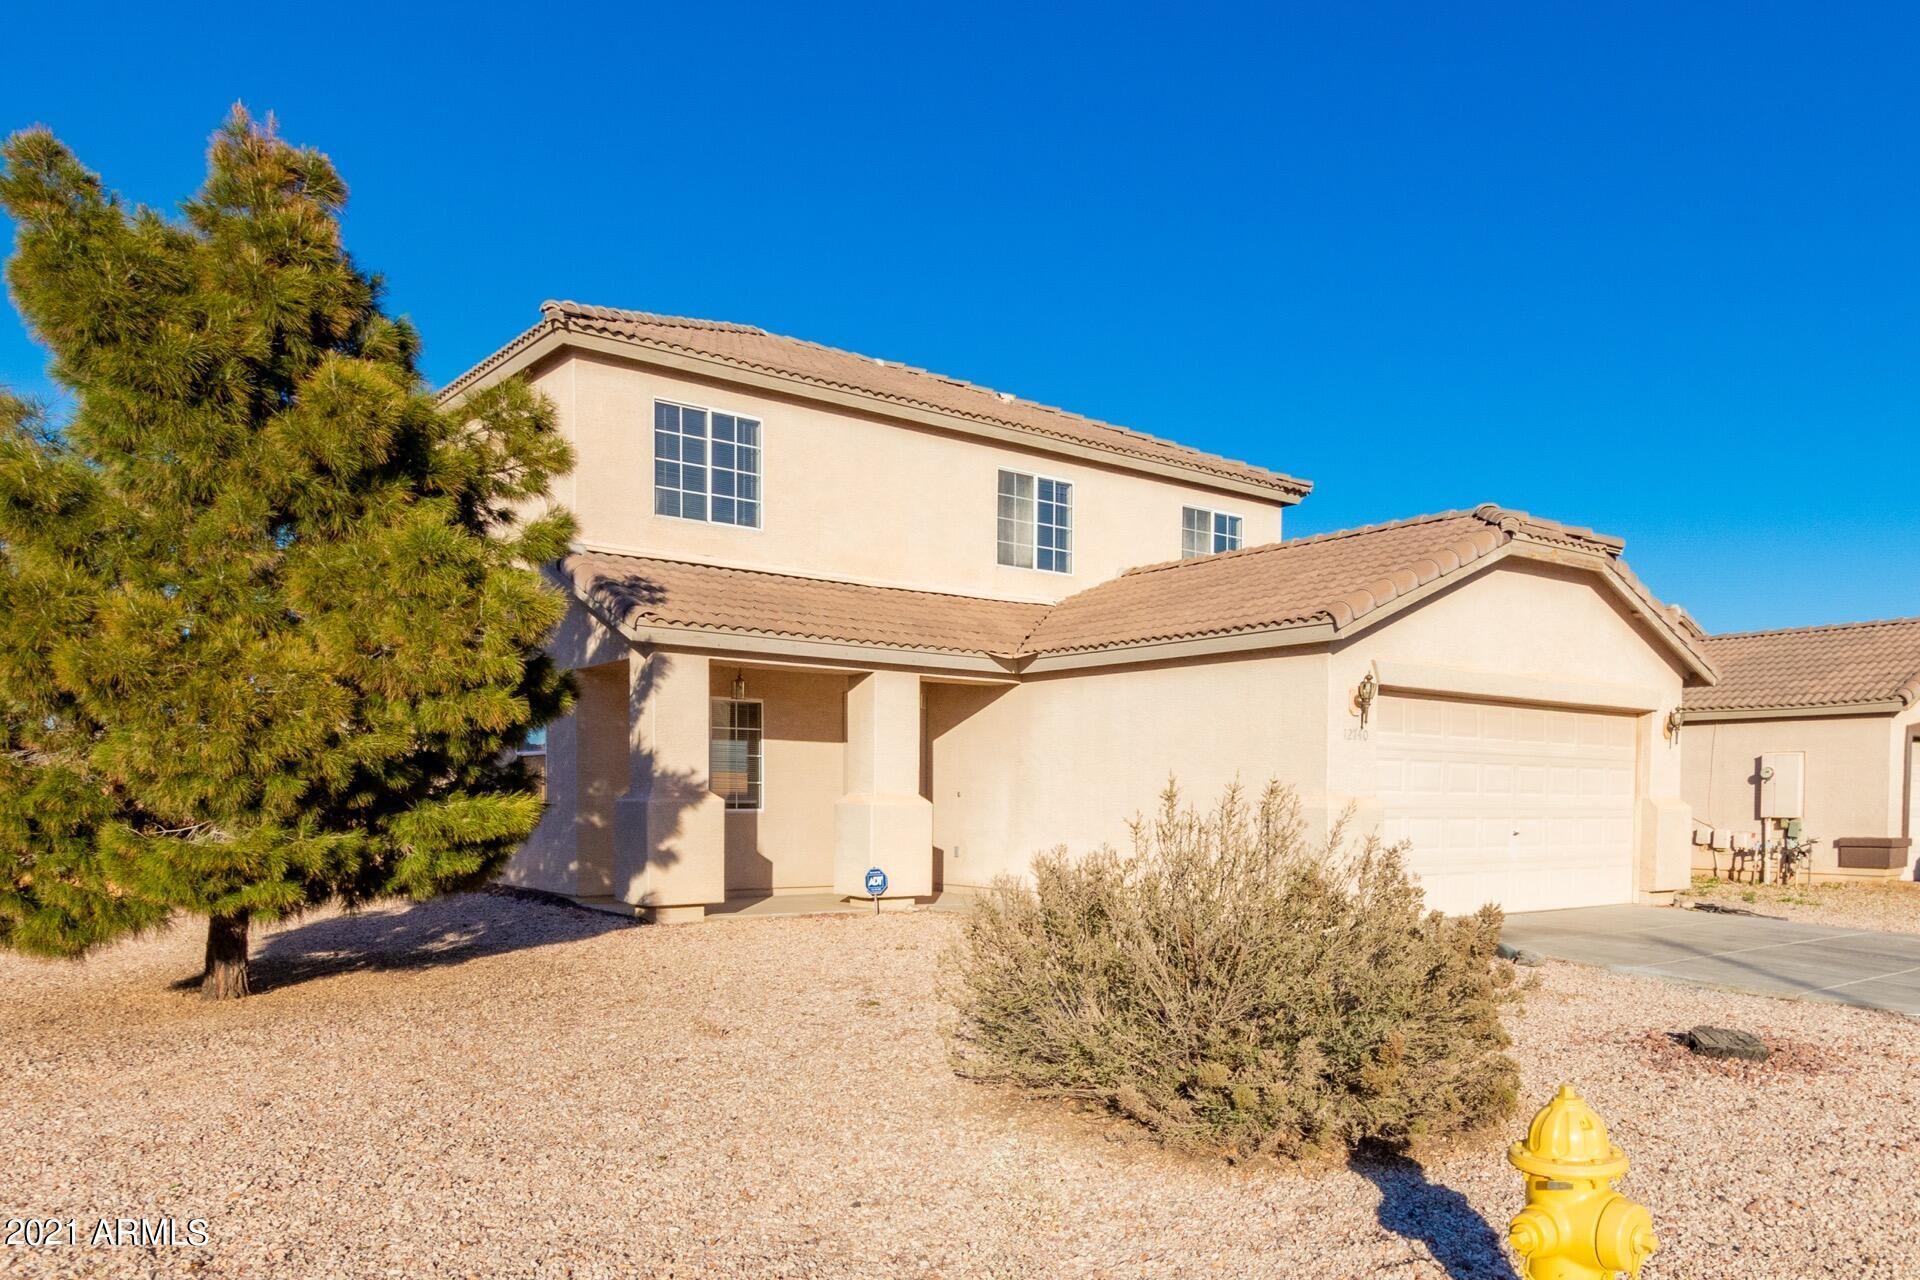 Photo of 12740 W ROSEWOOD Drive, El Mirage, AZ 85335 (MLS # 6198095)